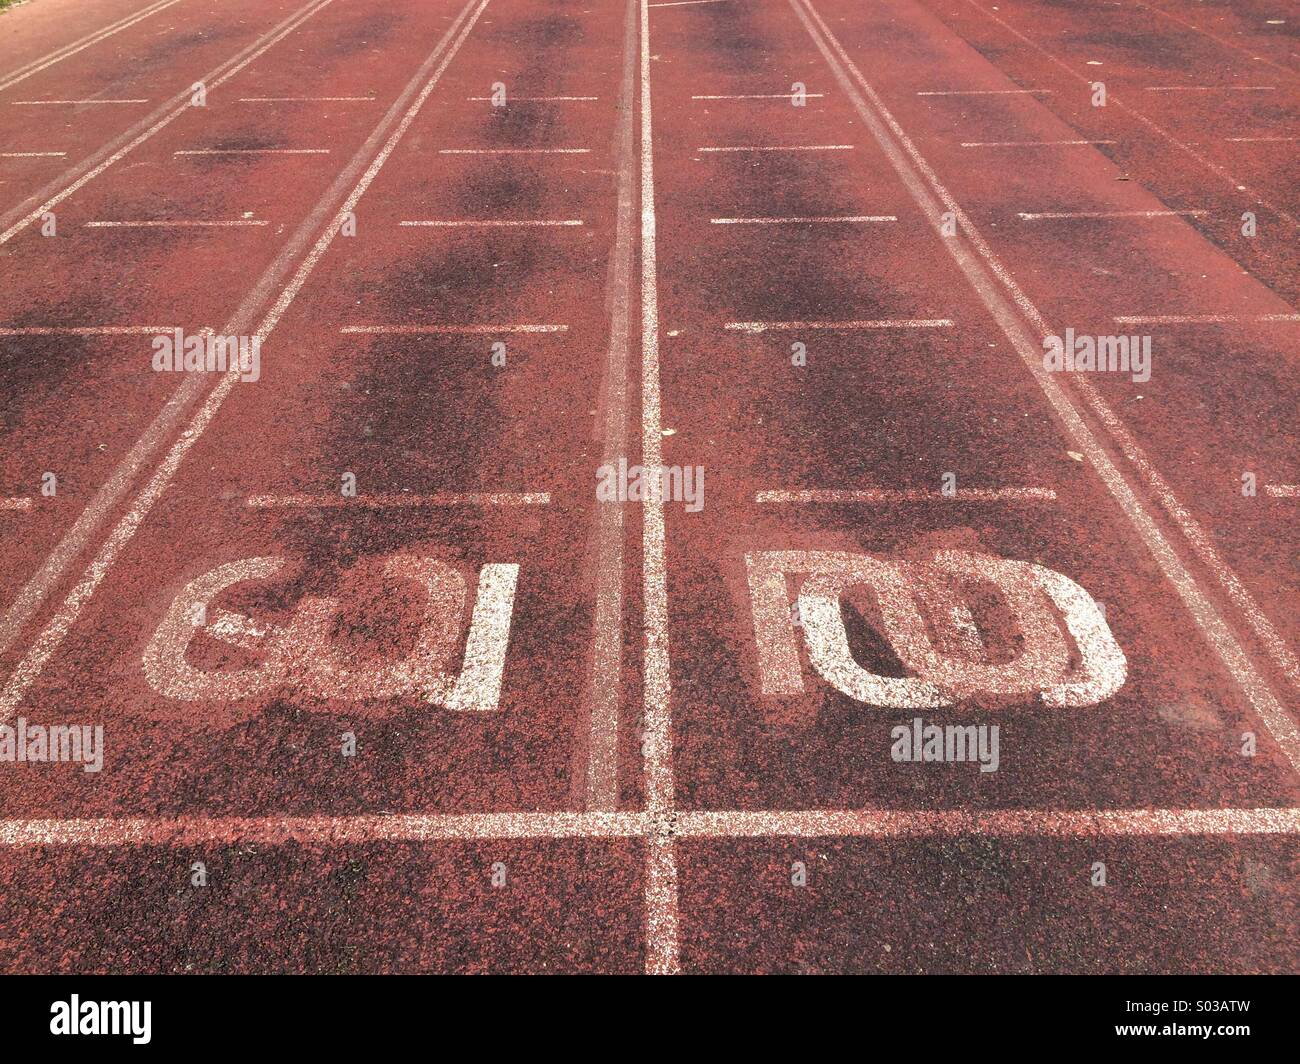 Una pista de atletismo Imagen De Stock